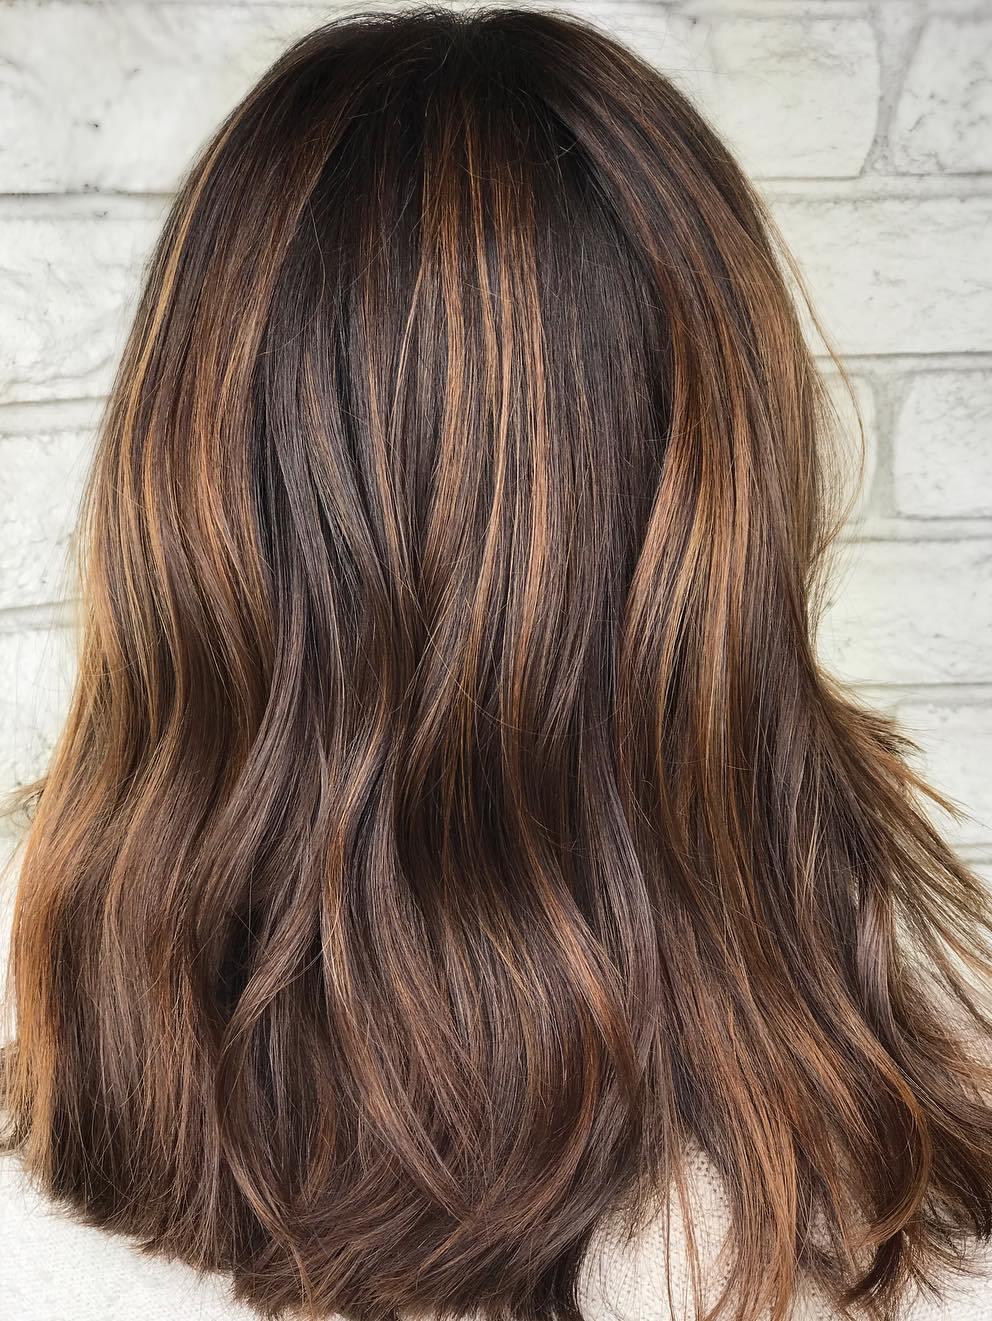 Mocha Hair with Subtle Caramel Highlights